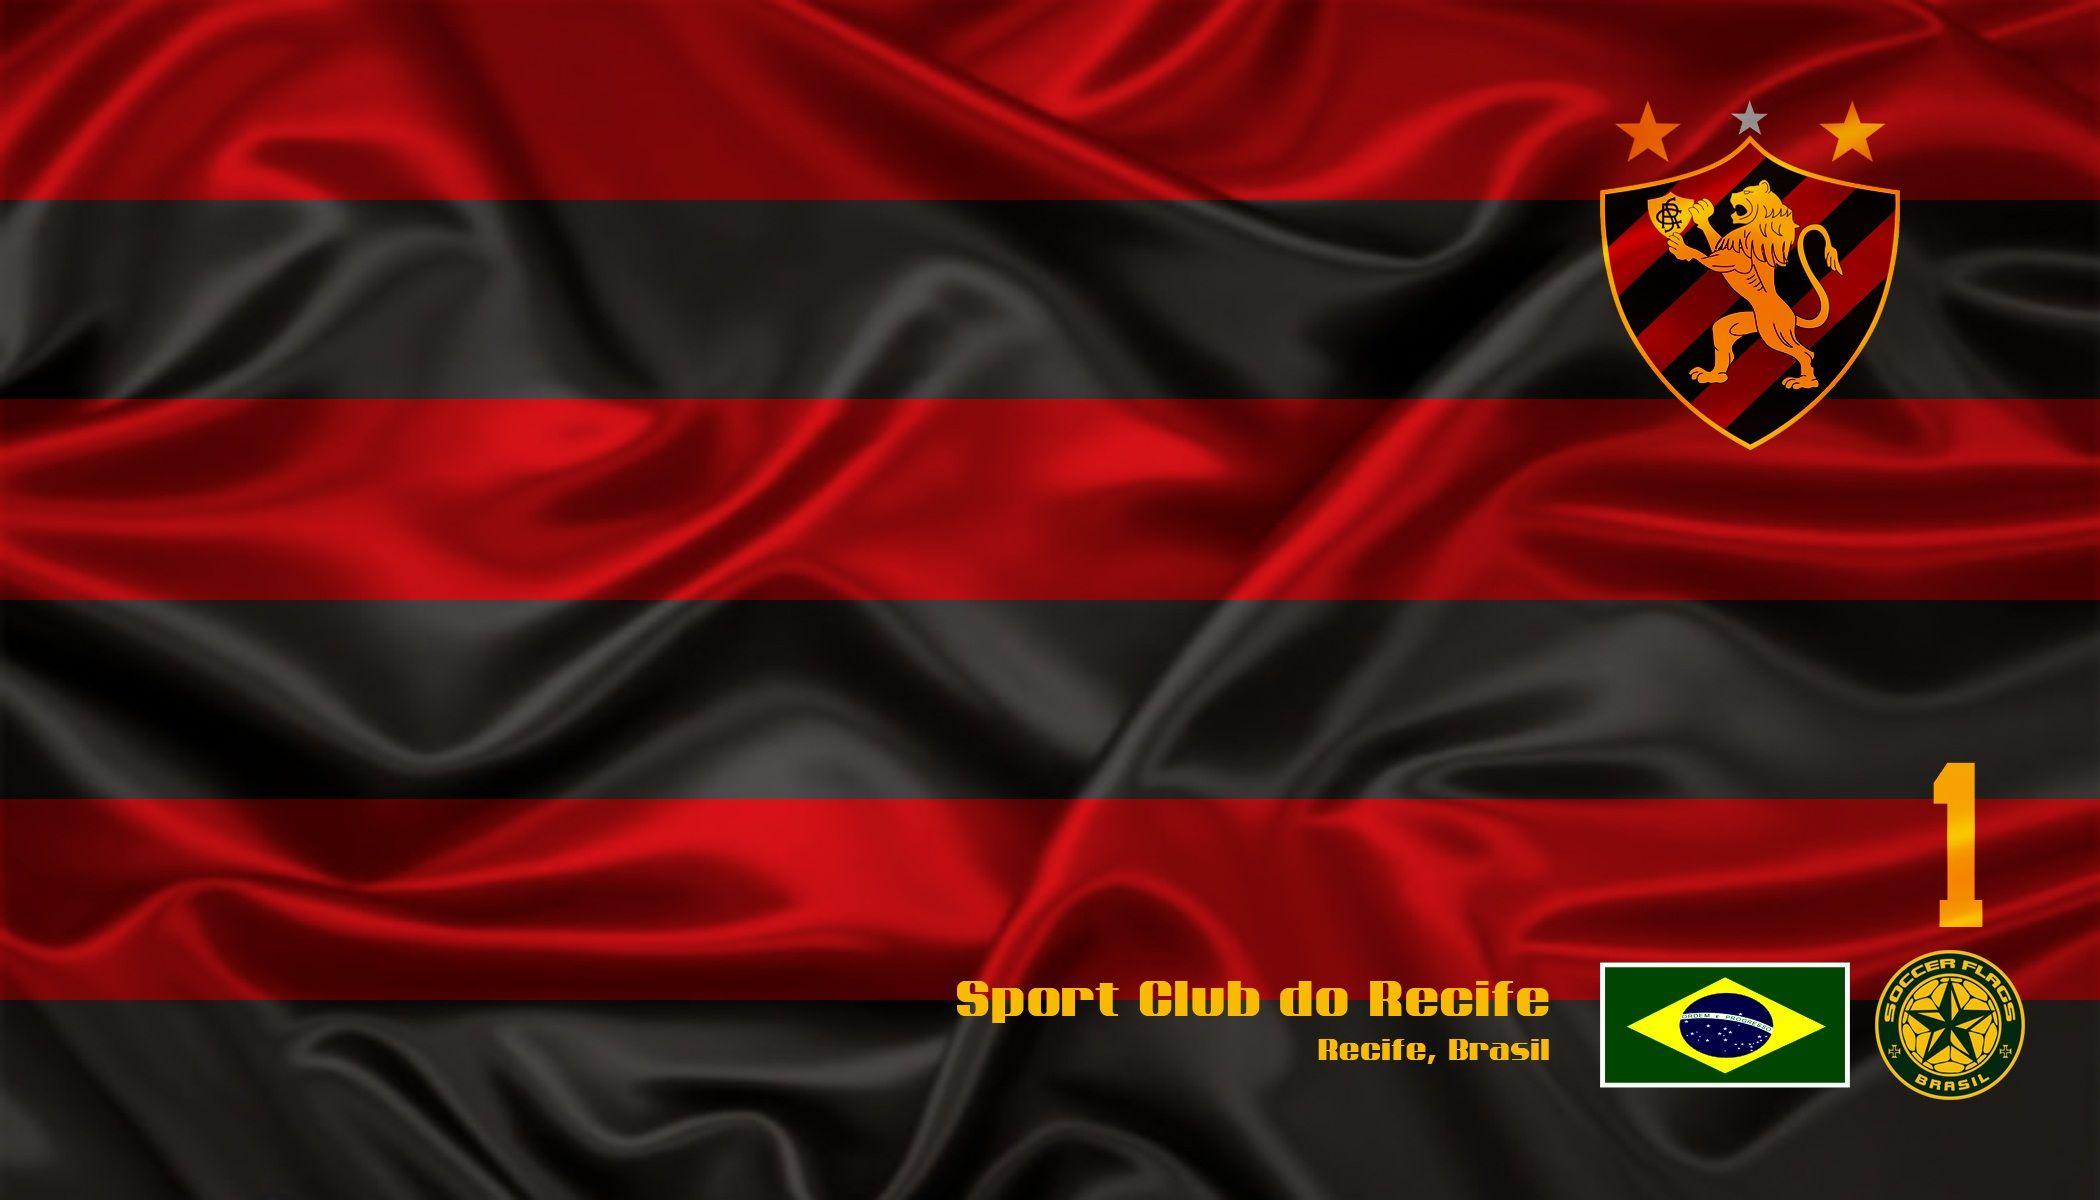 Sport Recife Wallpaper Iphone: Veja Mais Wallpapers E Baixe De Graça Em